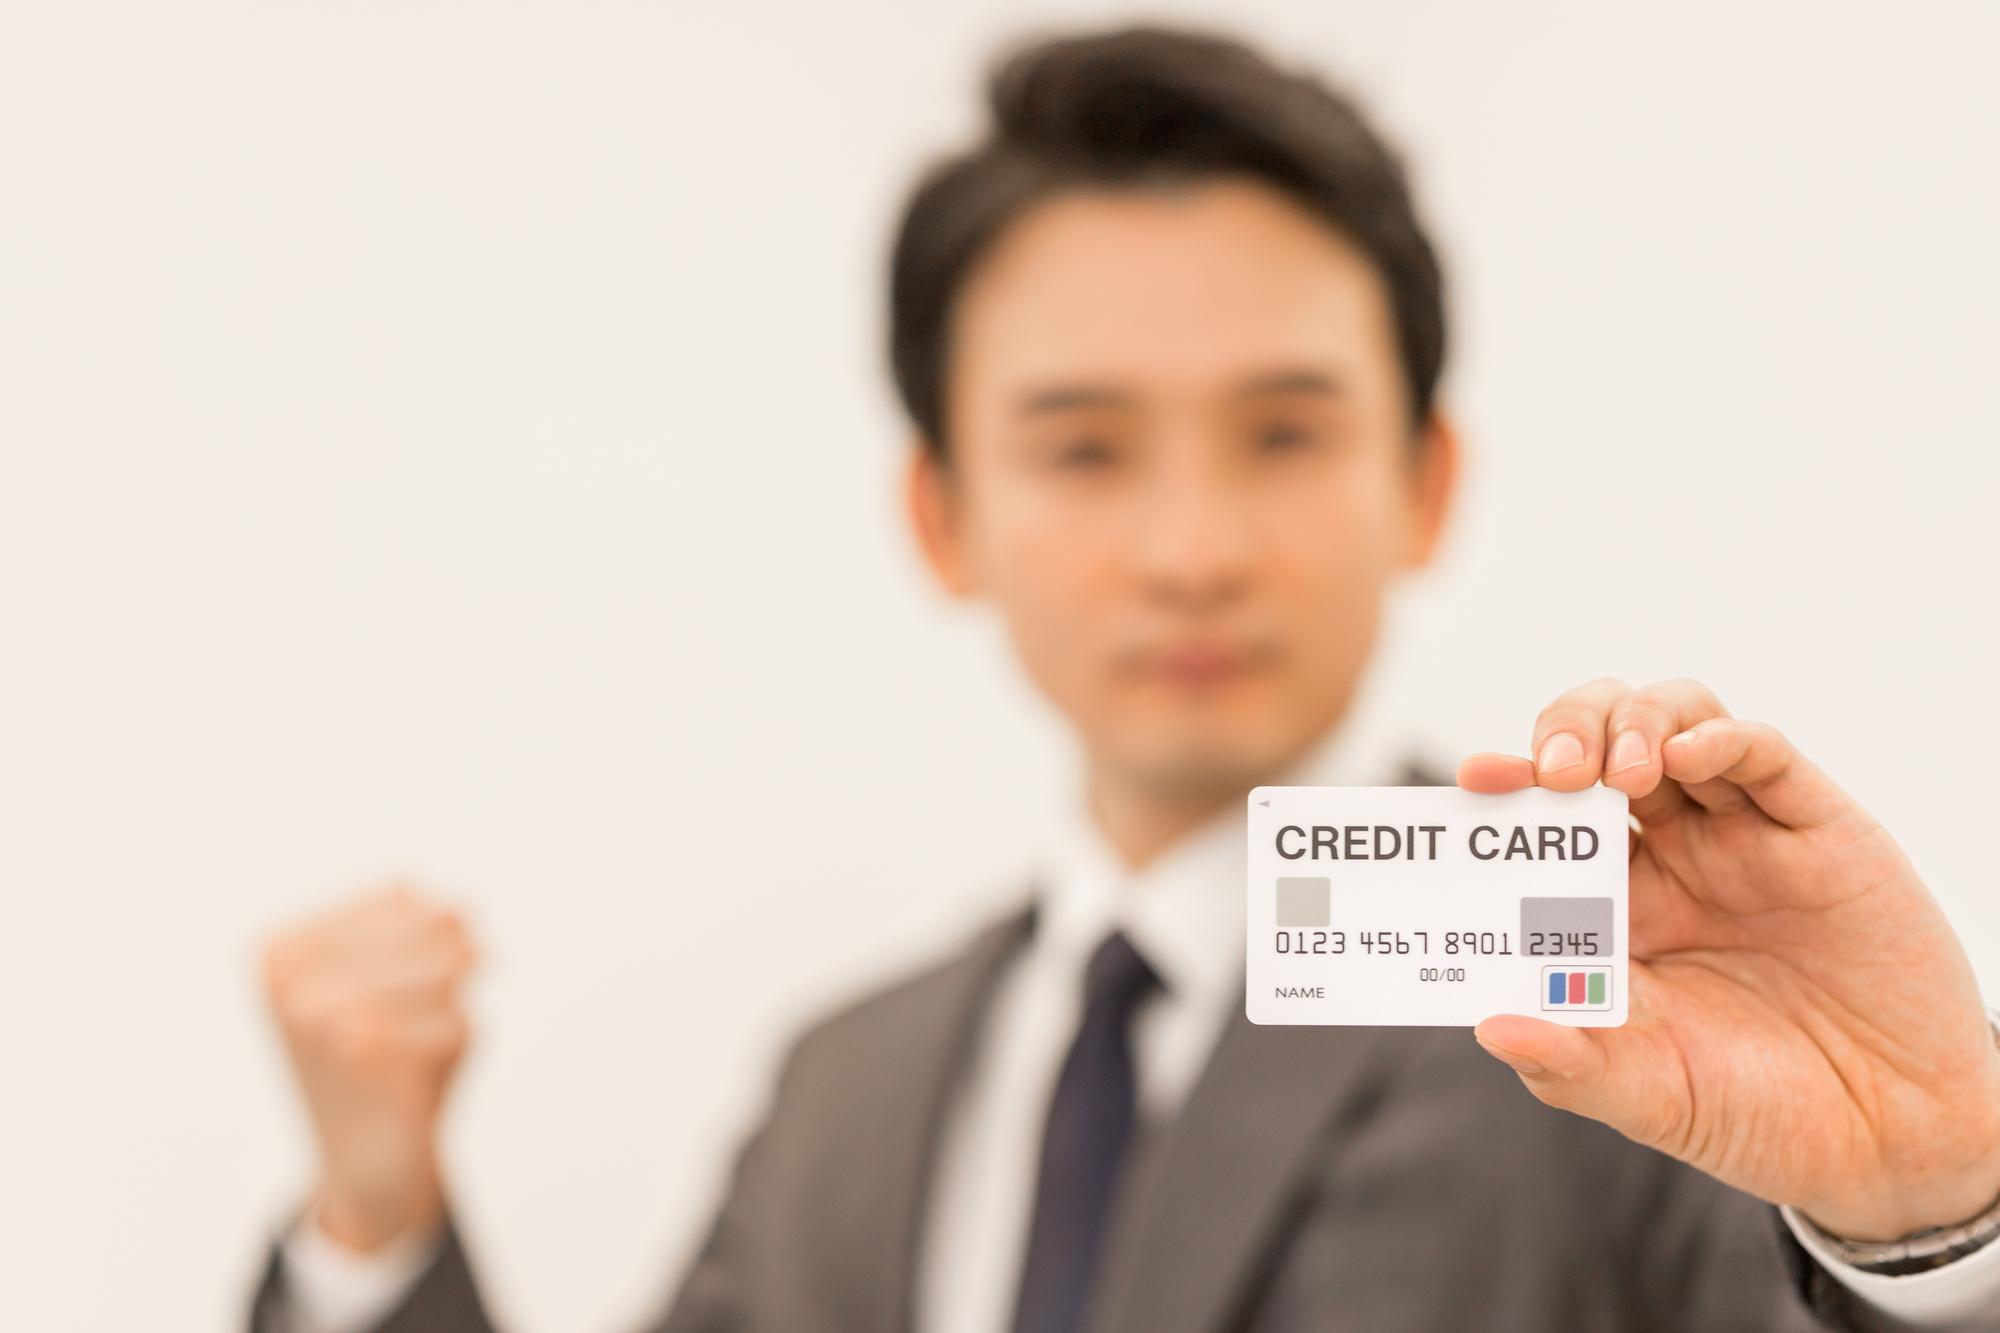 クレジットカードを持ってガッツポーズする人